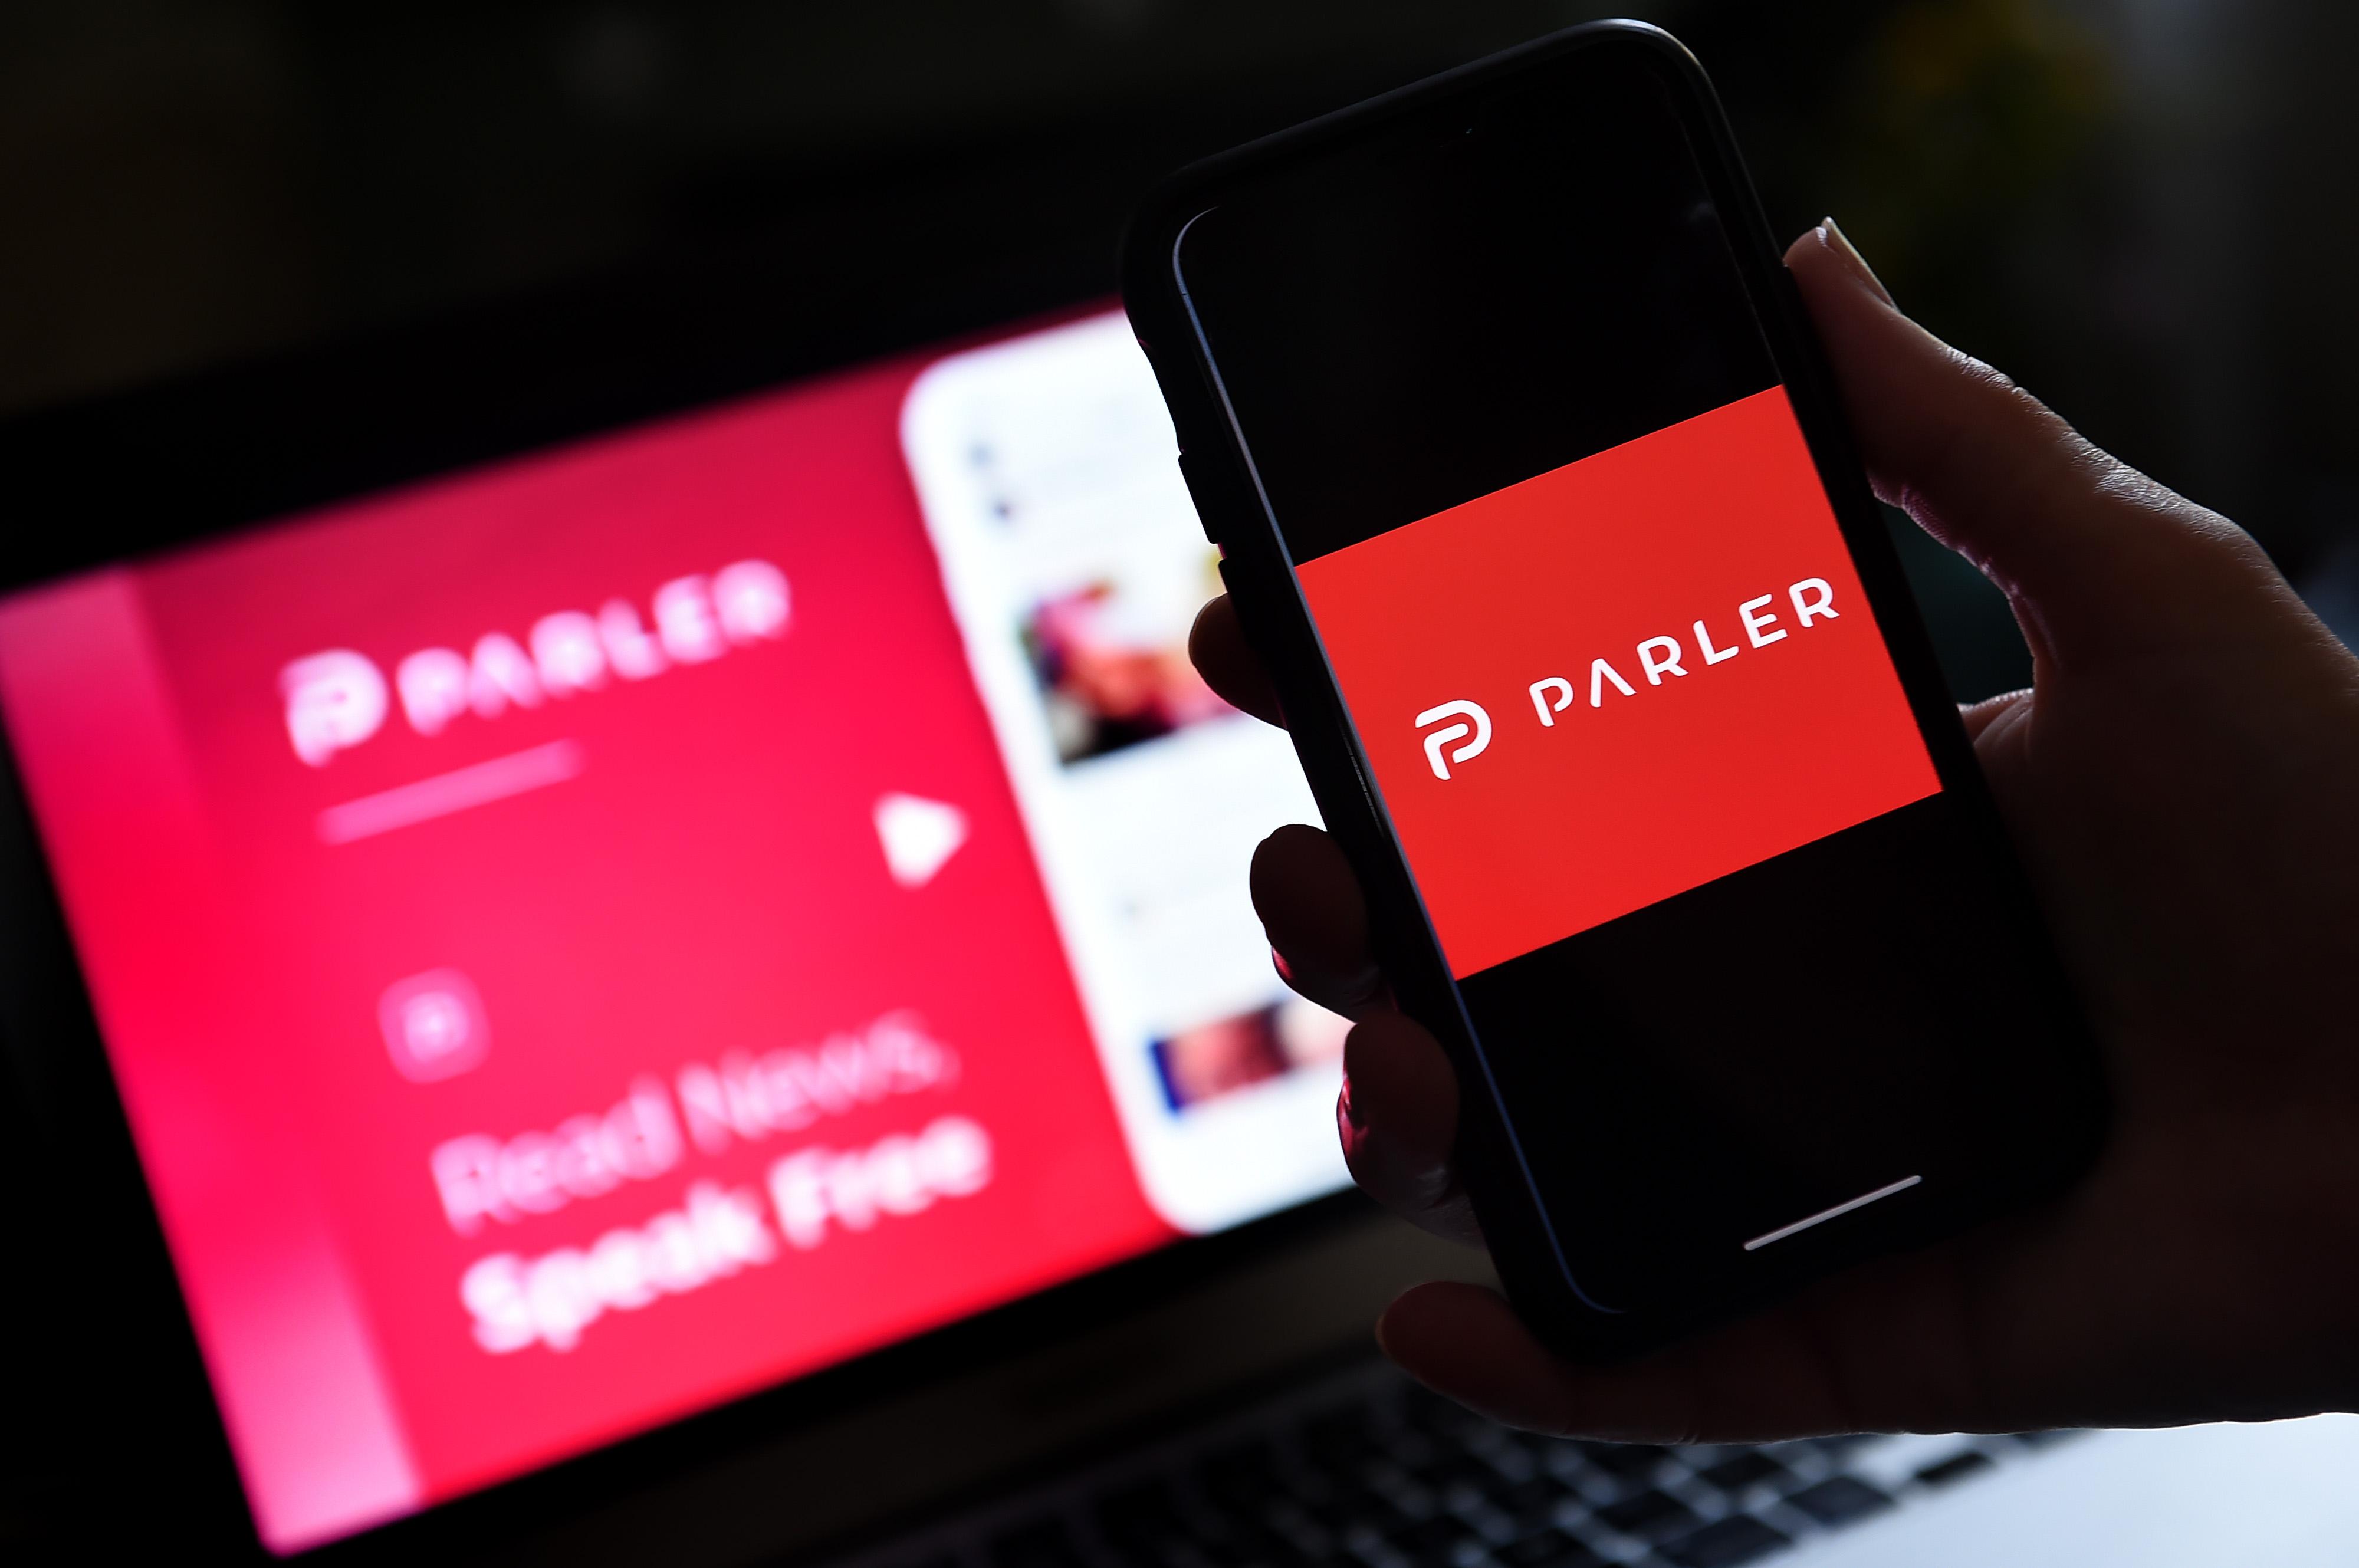 Página web y aplicación de la red social Parler.